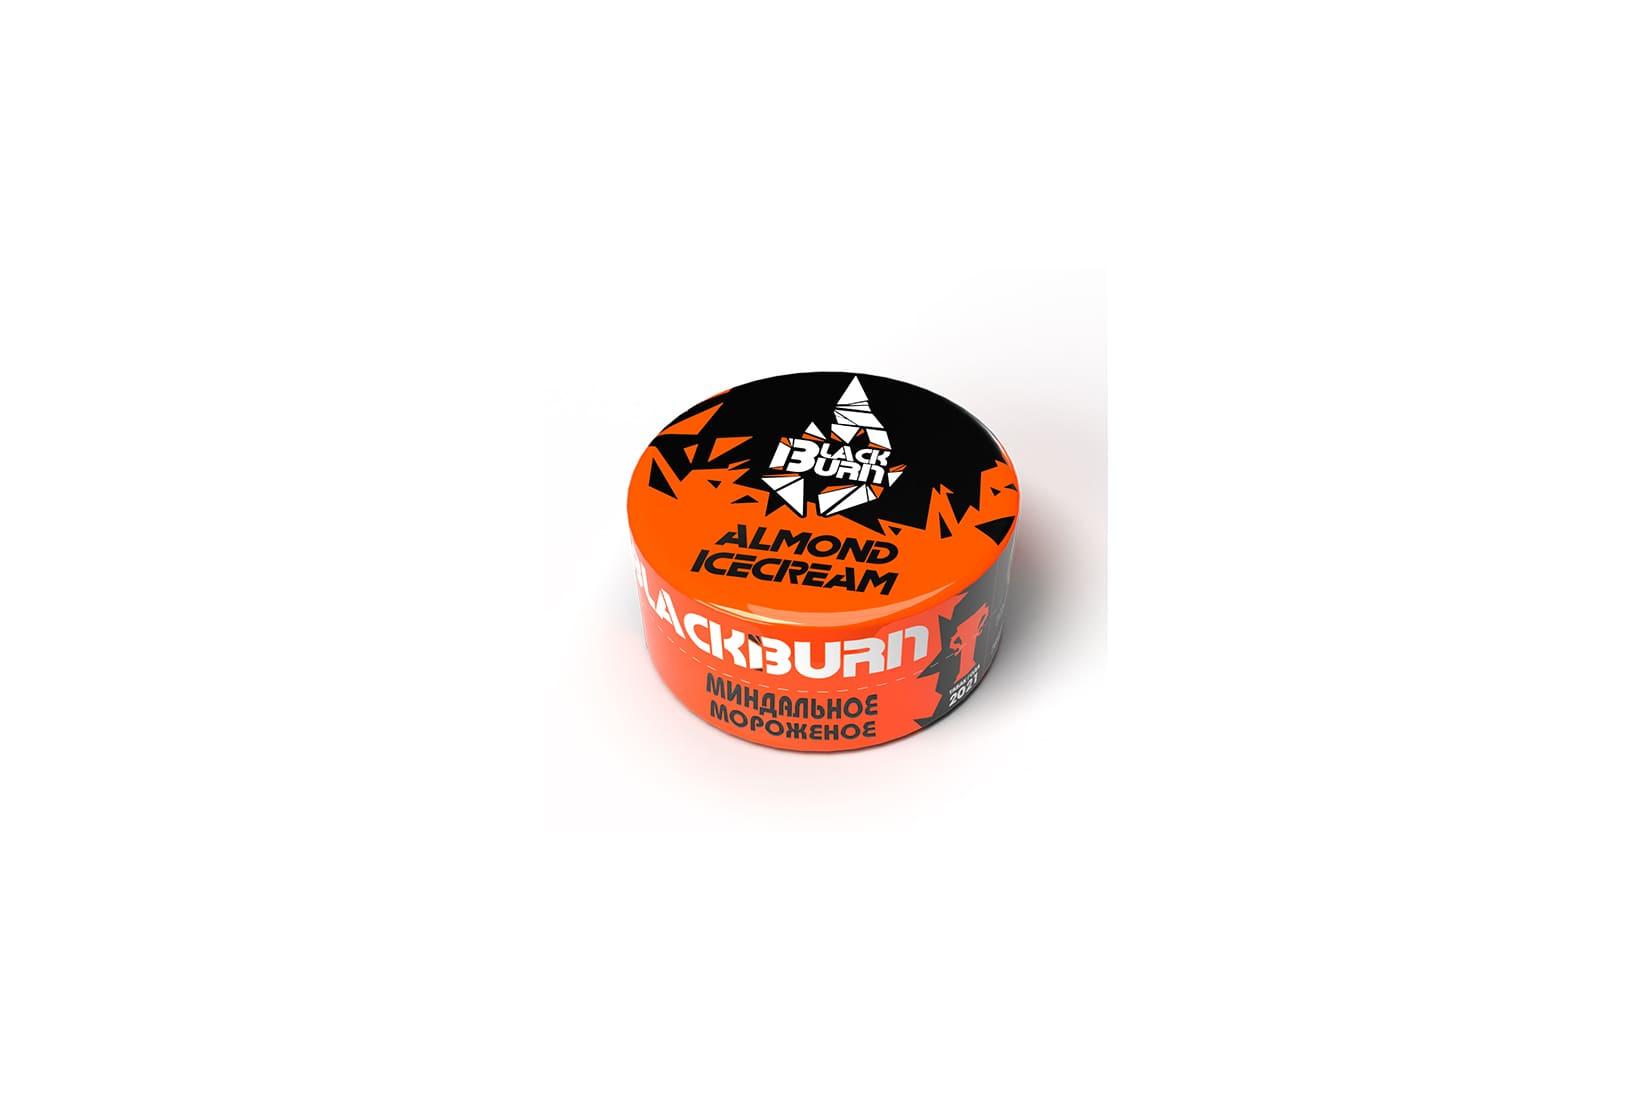 Табак для кальяна Black Burn ALMOND ICECREAM – описание, миксы, отзывы